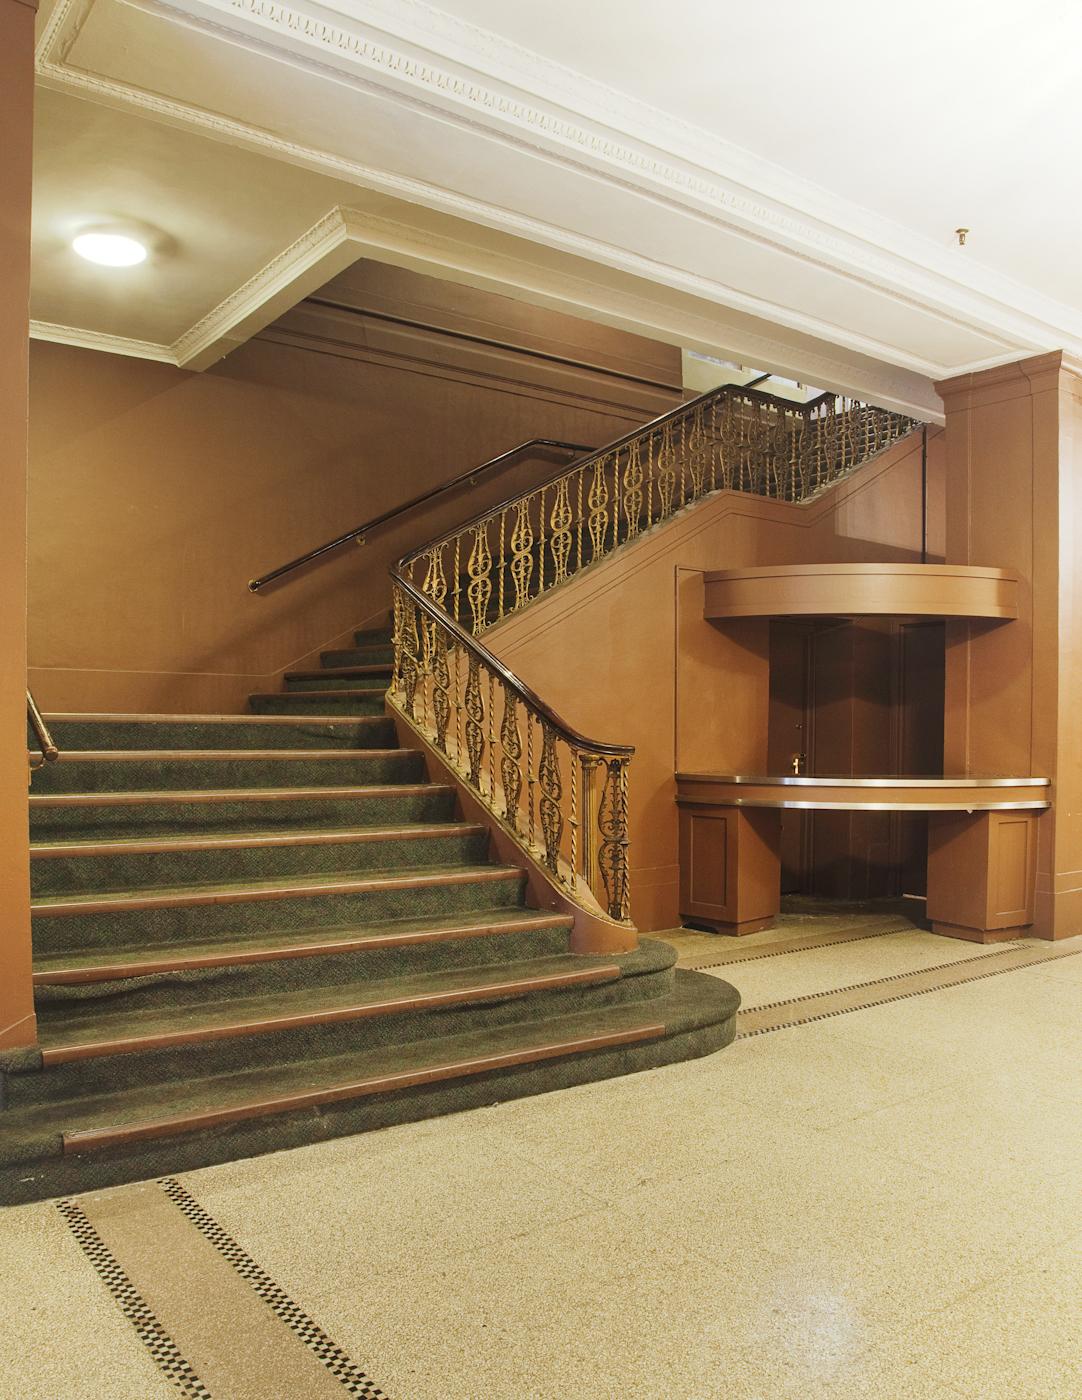 commercial_pennhotel_25.jpg